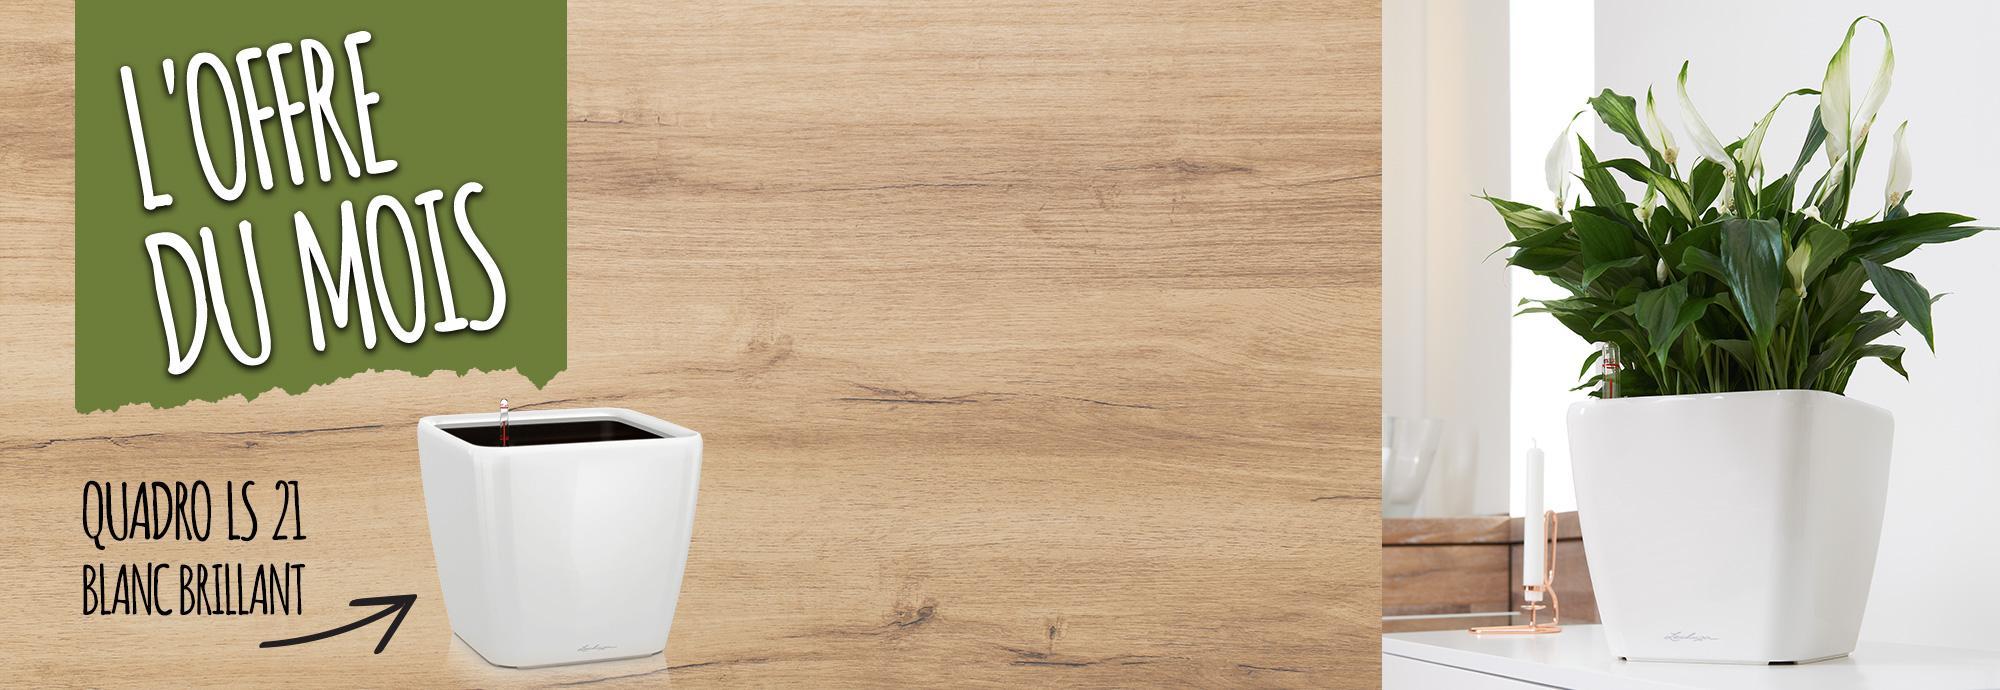 Best seller du mois de octobre : 15% de réduction pour l'achat du QUADRO LS 21 blanc brillant